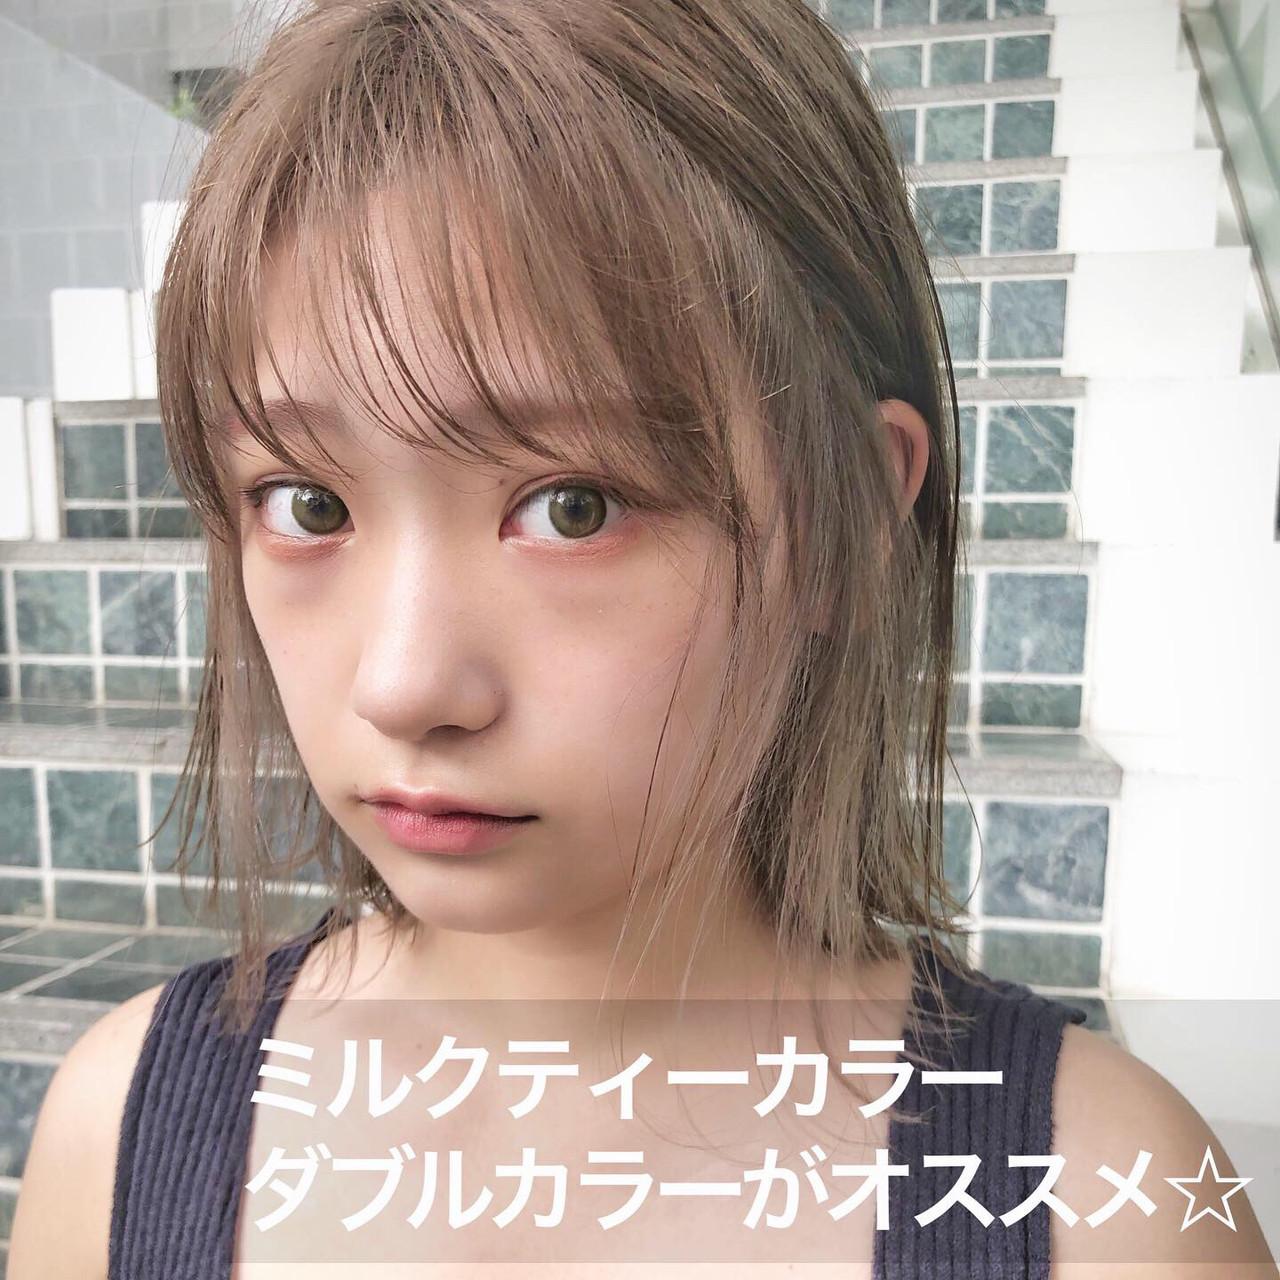 ガーリー デート 切りっぱなし 外ハネ ヘアスタイルや髪型の写真・画像   切りっぱなしボブを流行らせた人 Un ami増永 / Un ami omotesando